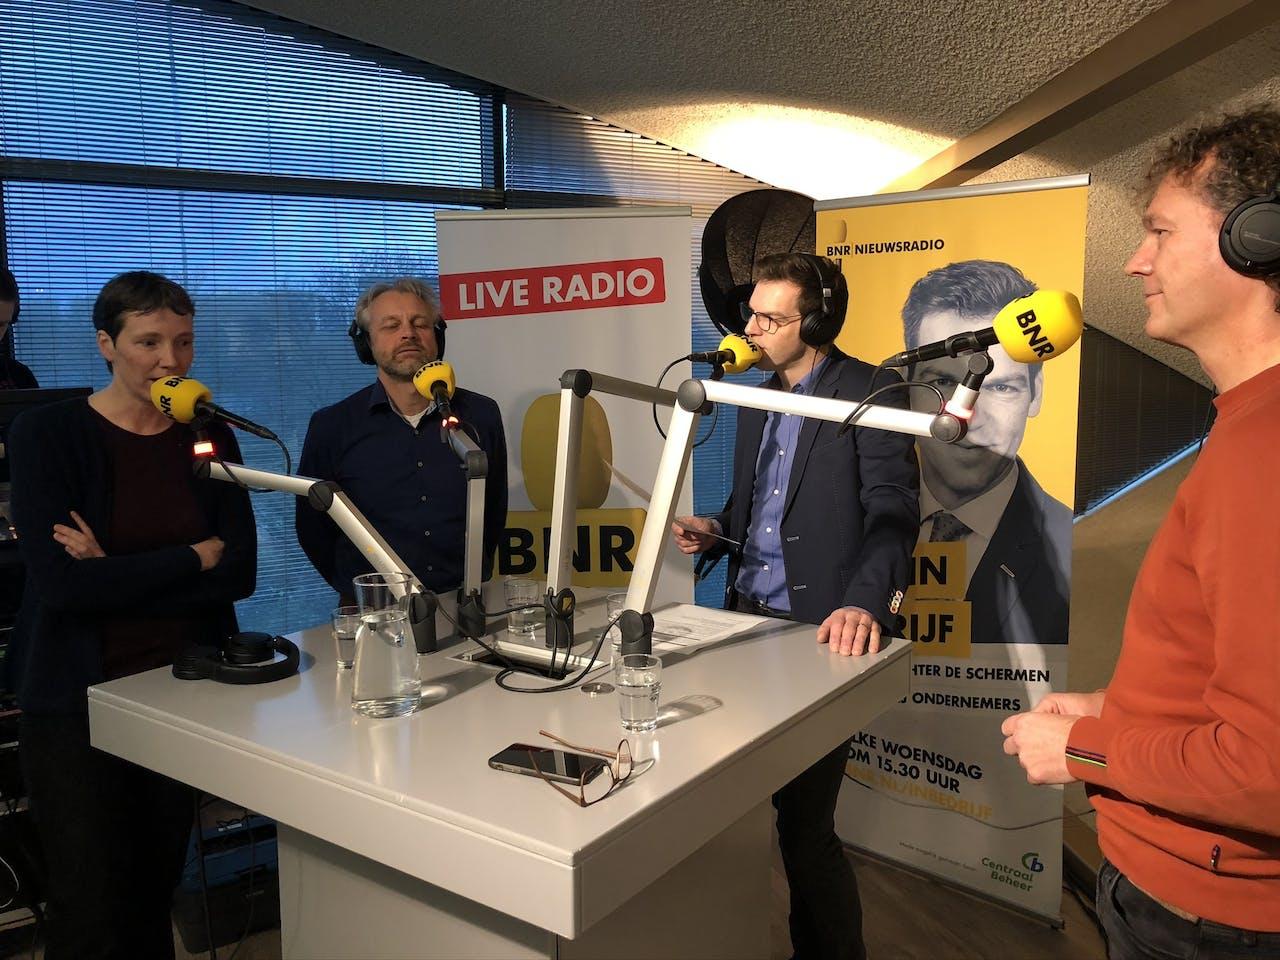 Uitzending BNR In Bedrijf bij Freedom Internet. Vlnr: Kirsten Verdel, Anco Scholte ter Horst, Maarten Bouwhuis, Kristian Esser